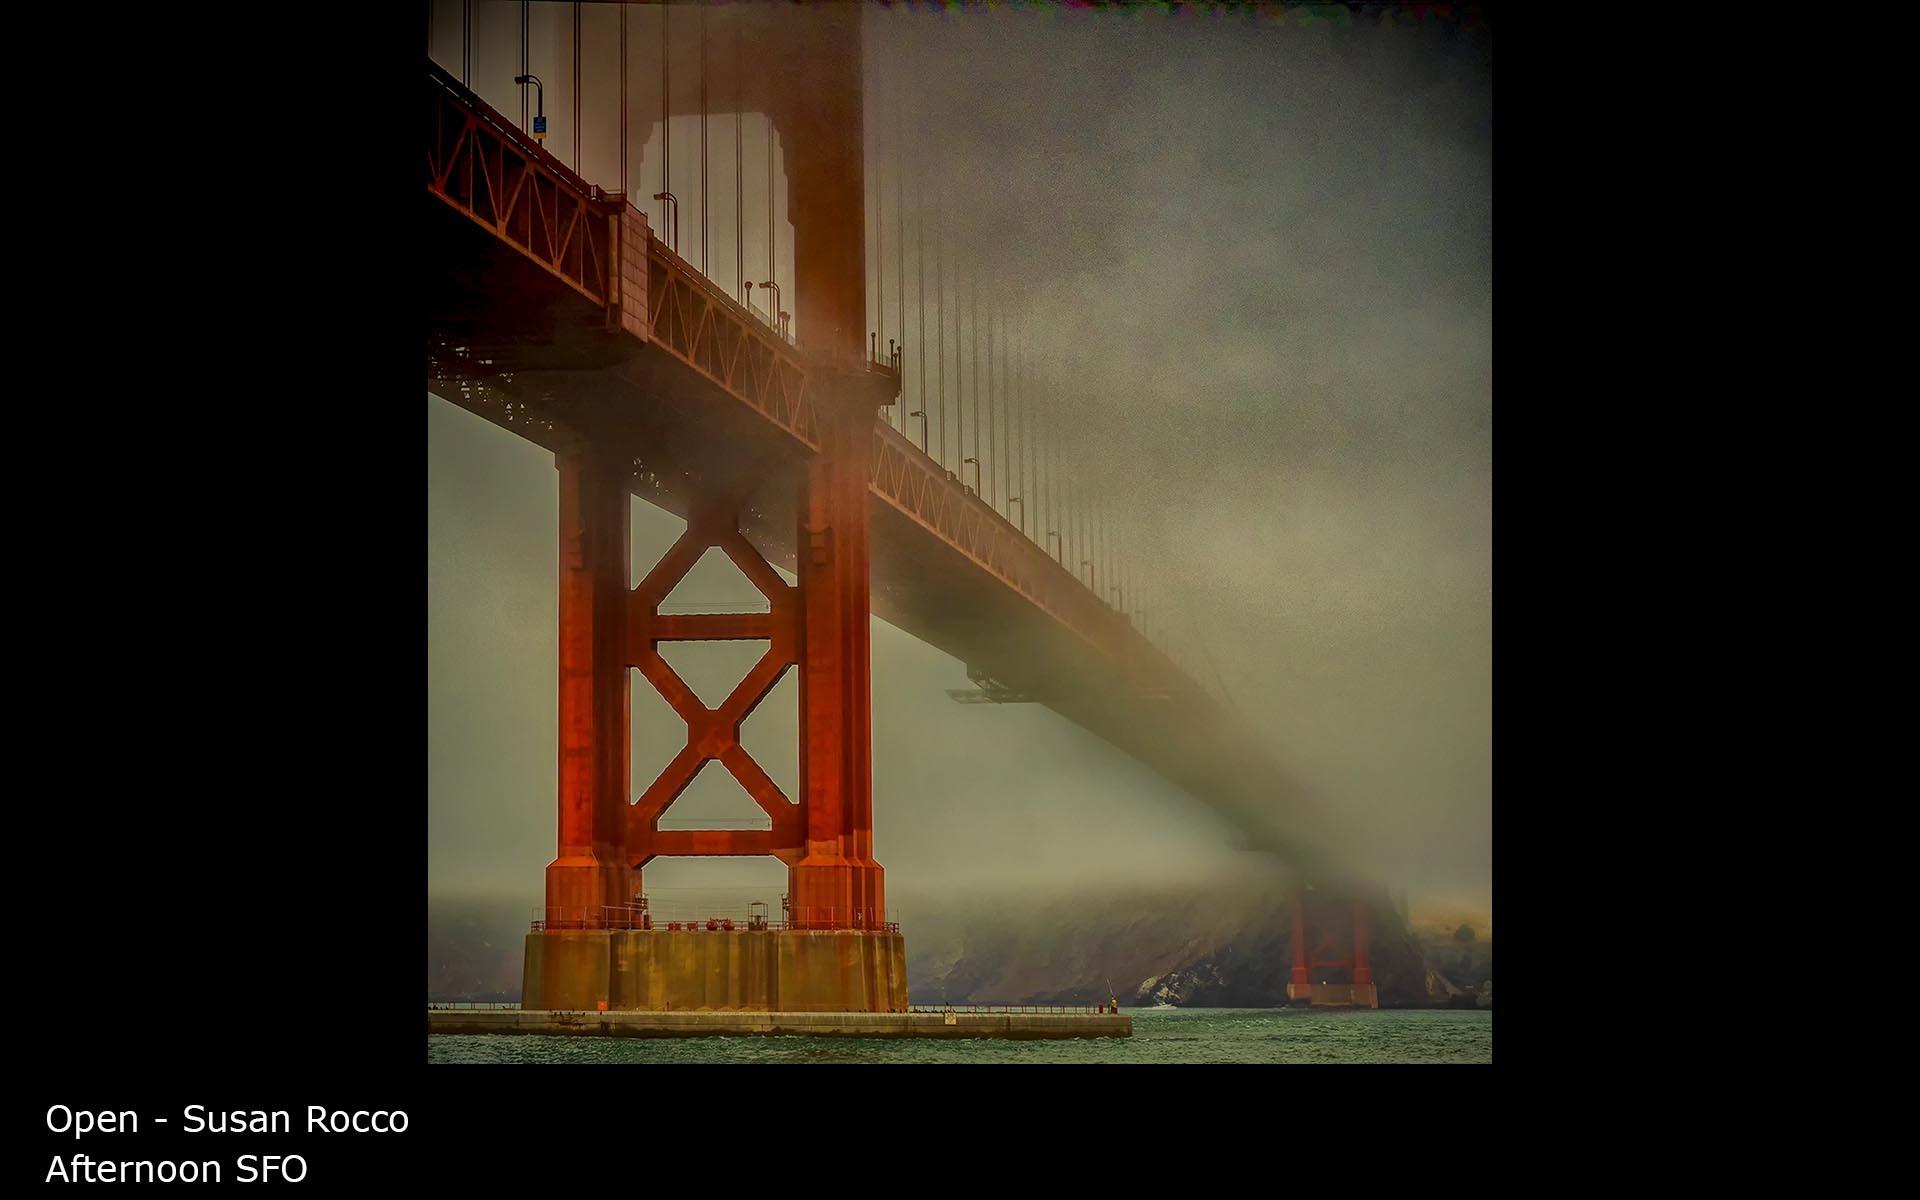 Afternoon SFO - Susan Rocco